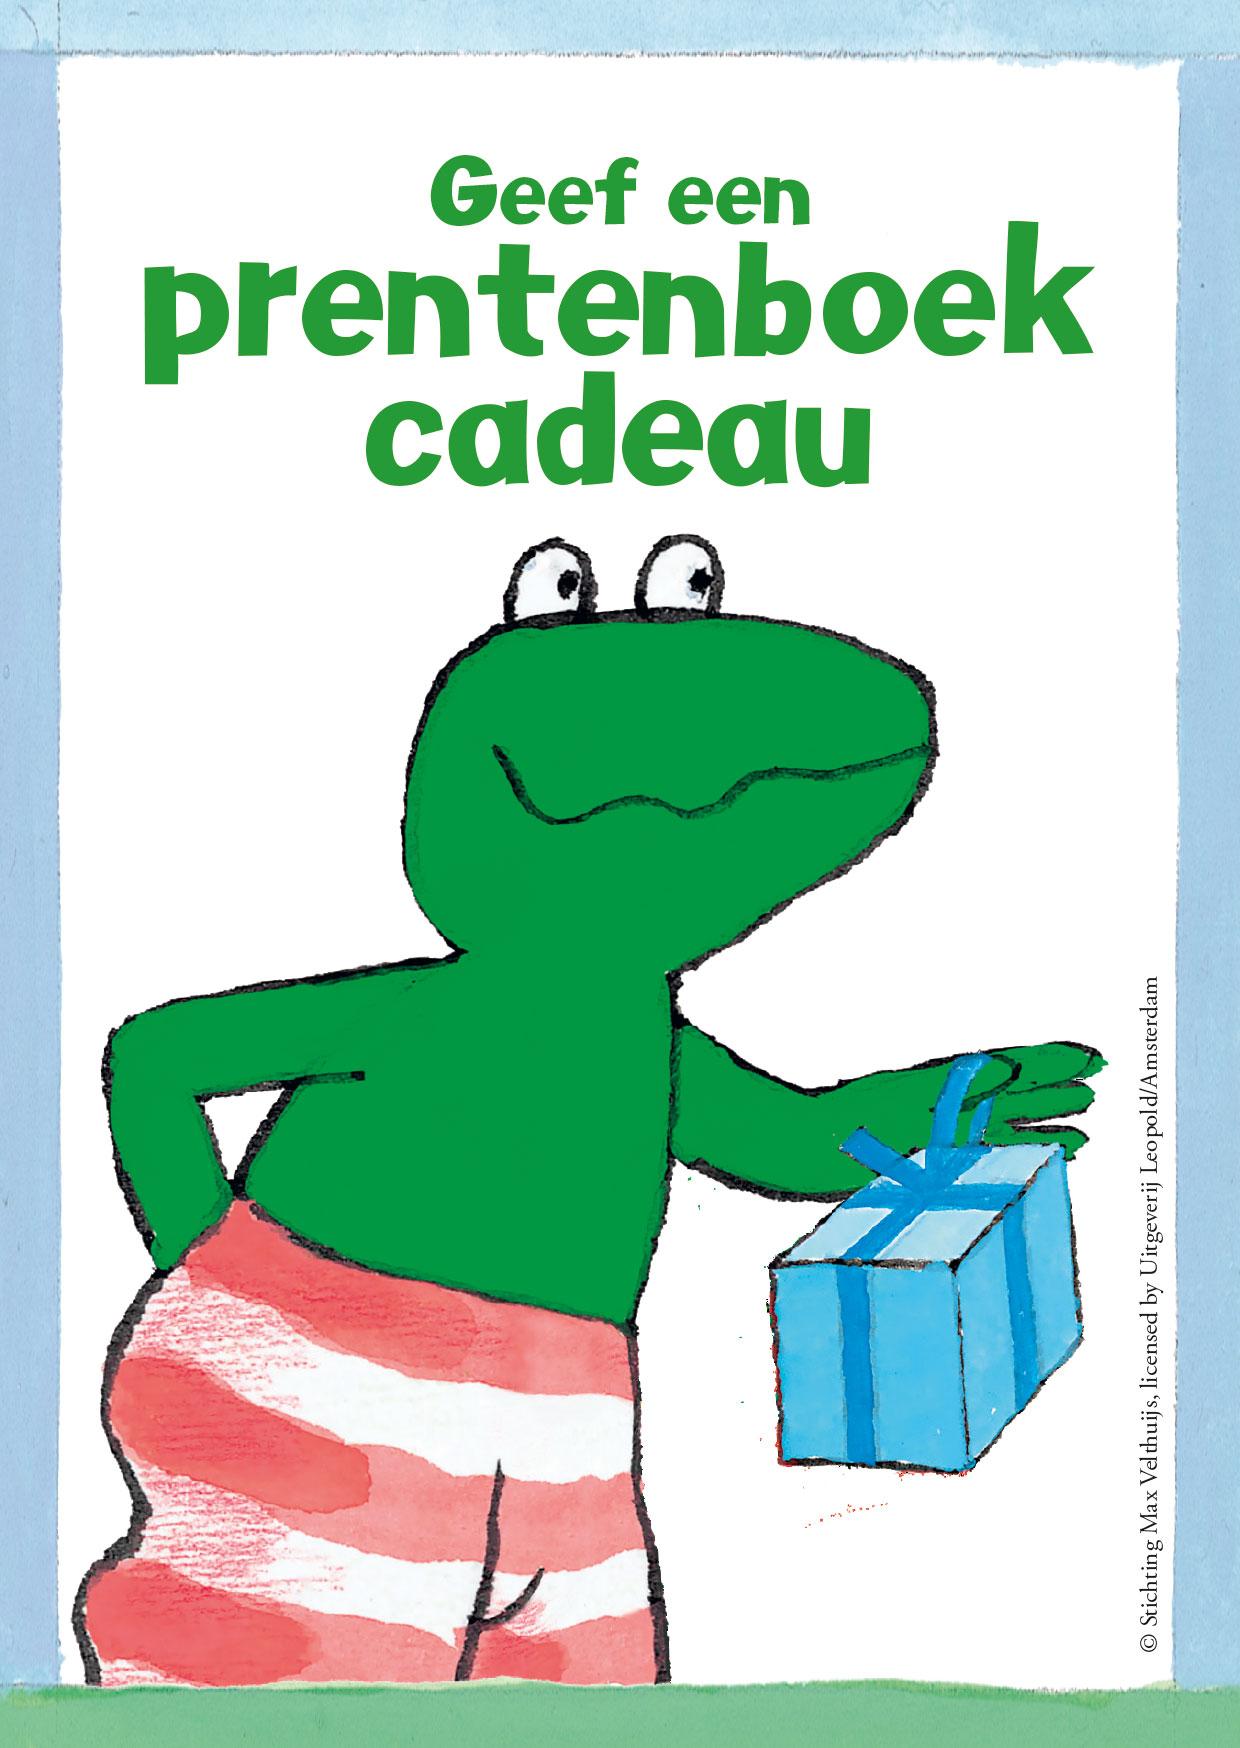 Geef een prentenboek cadeau